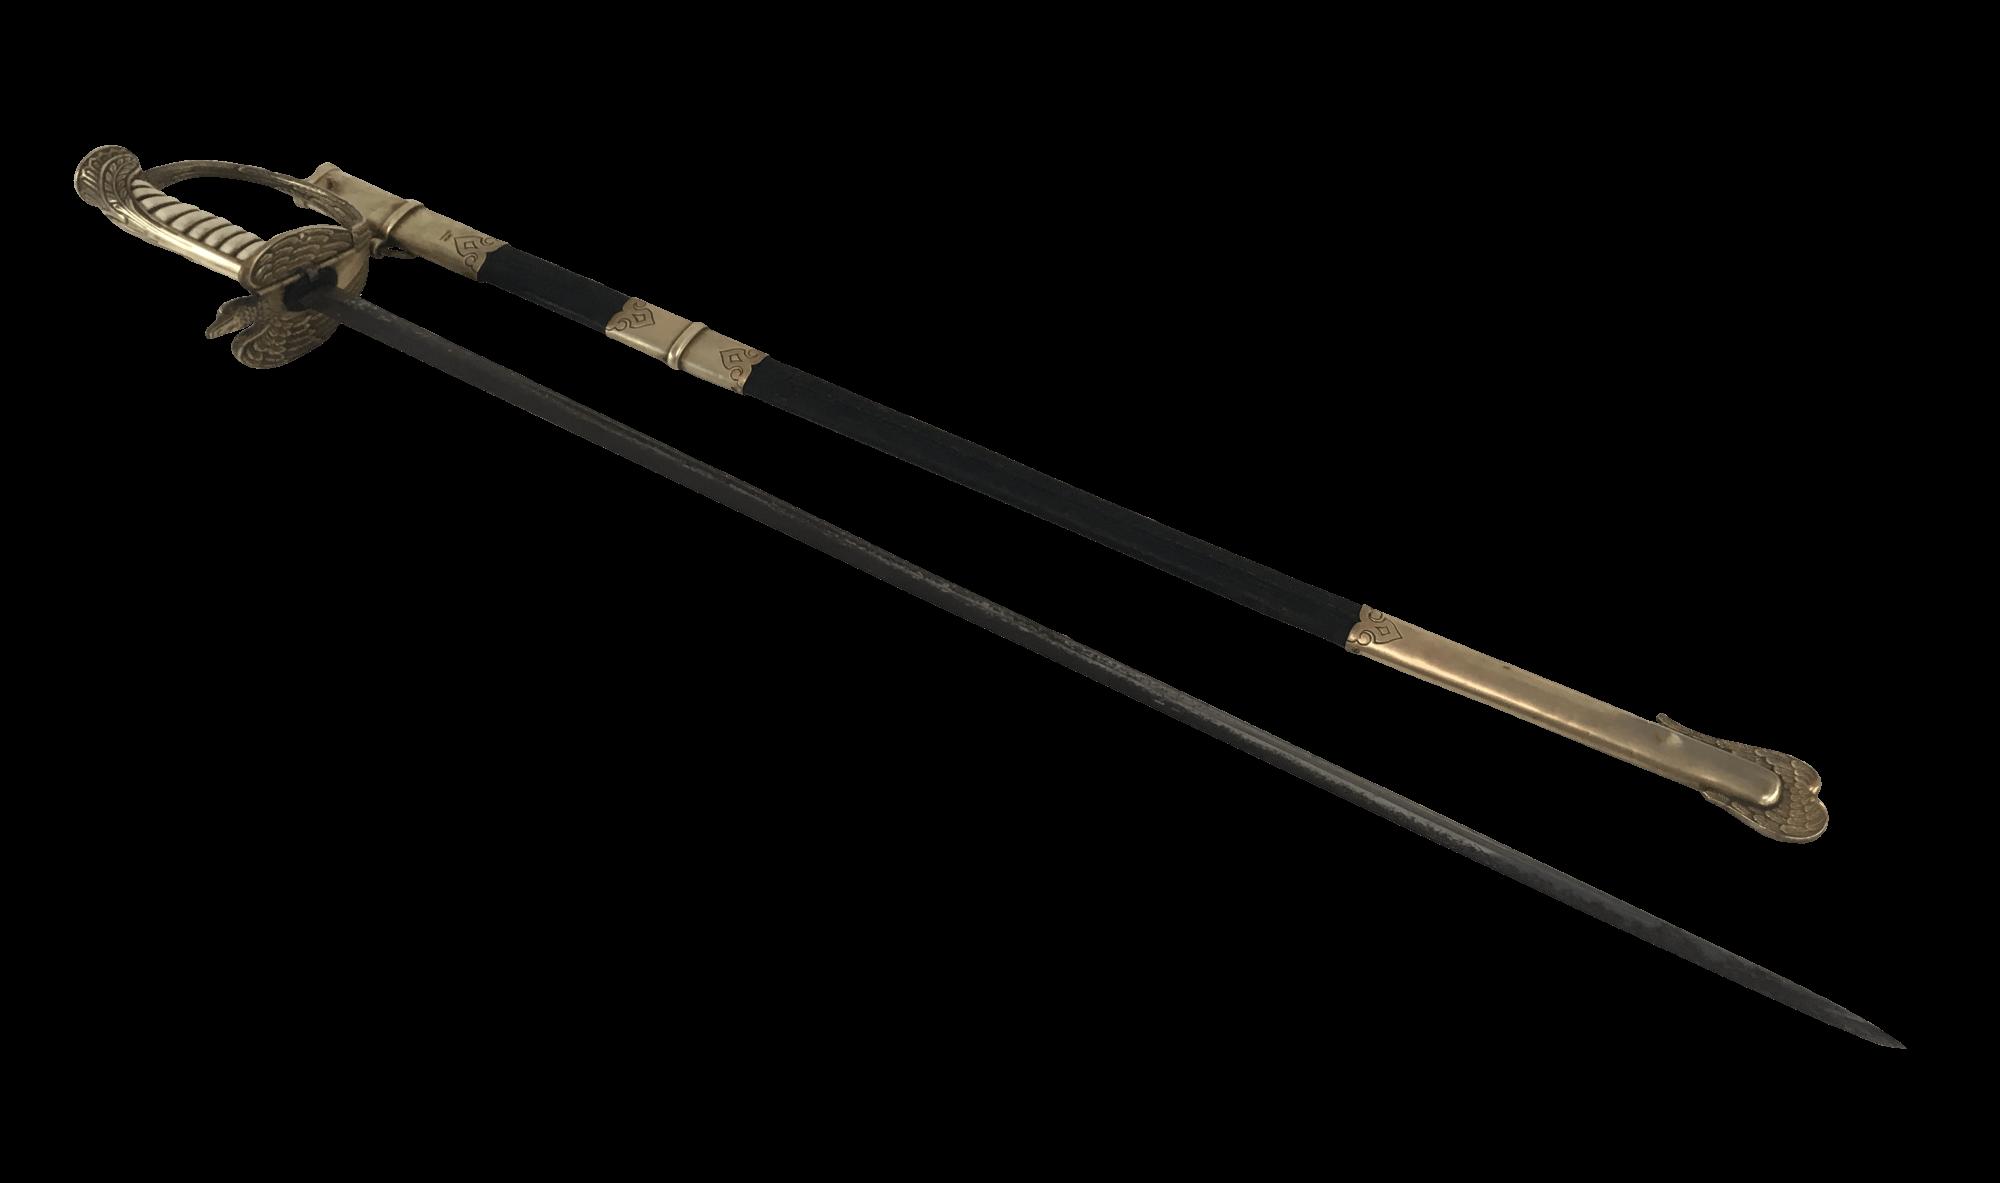 Antiga Espada Militar Aeronautica 94cm